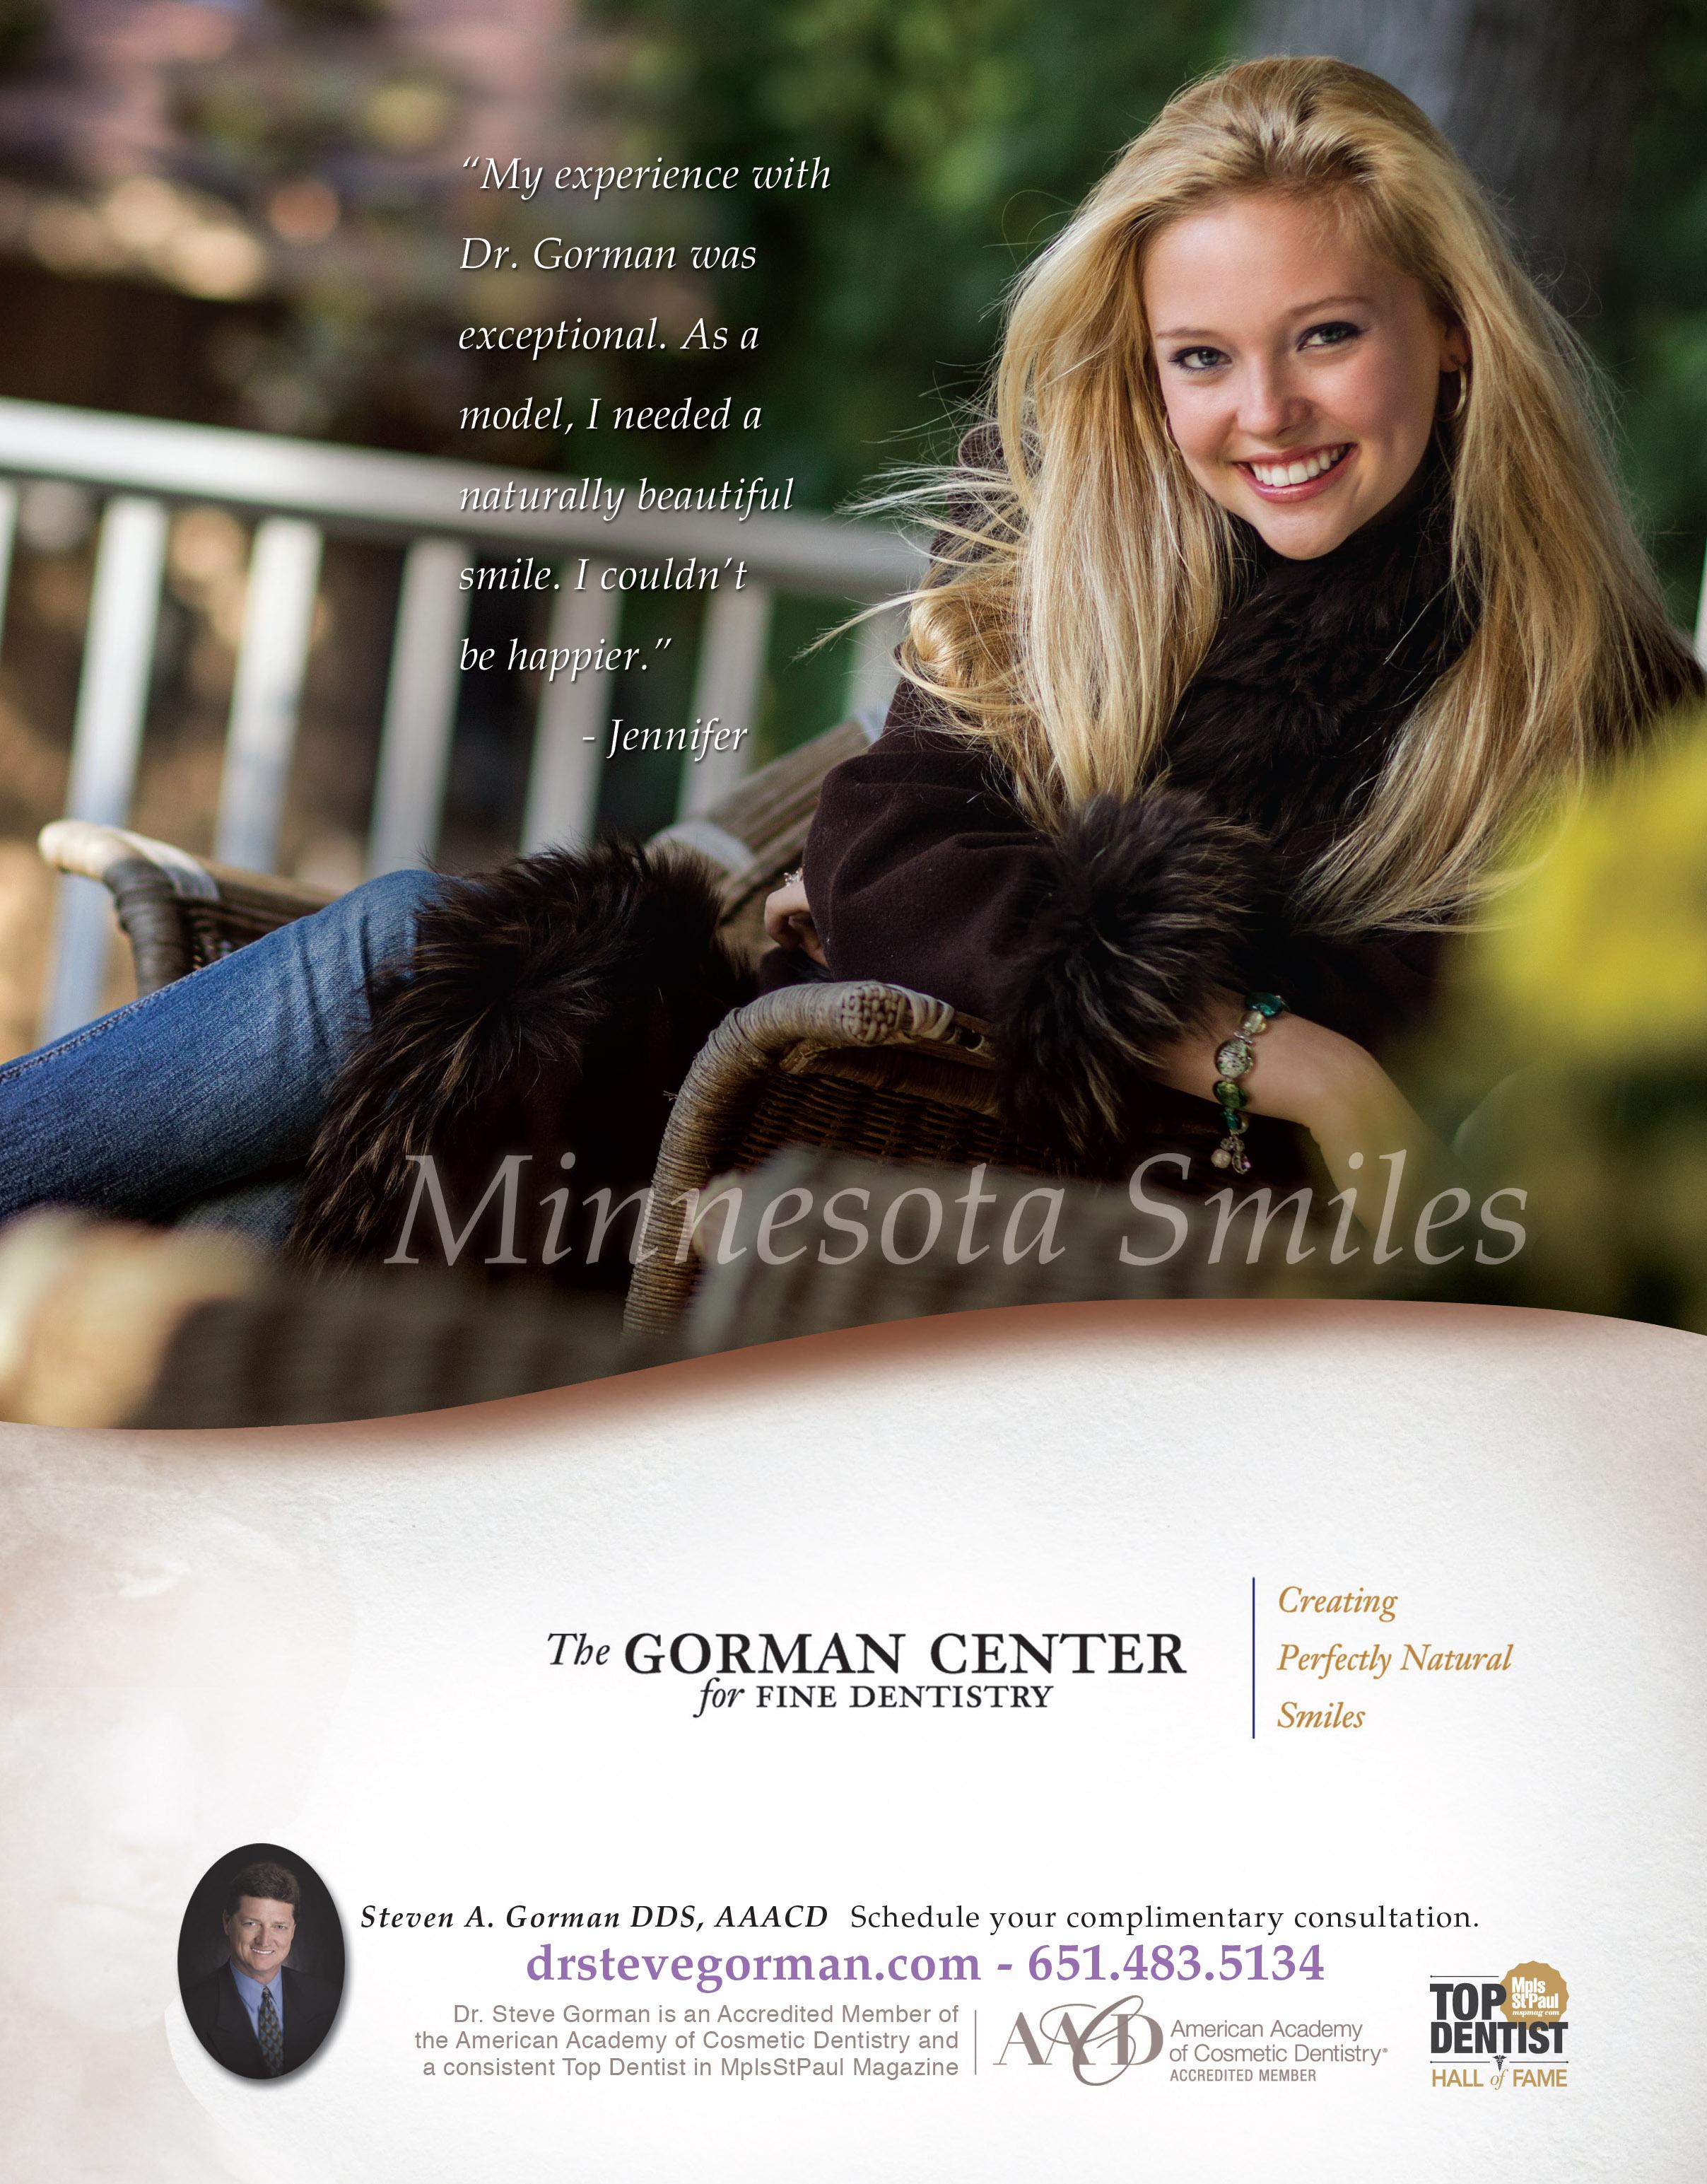 The Gorman Center of Fine Dentistry